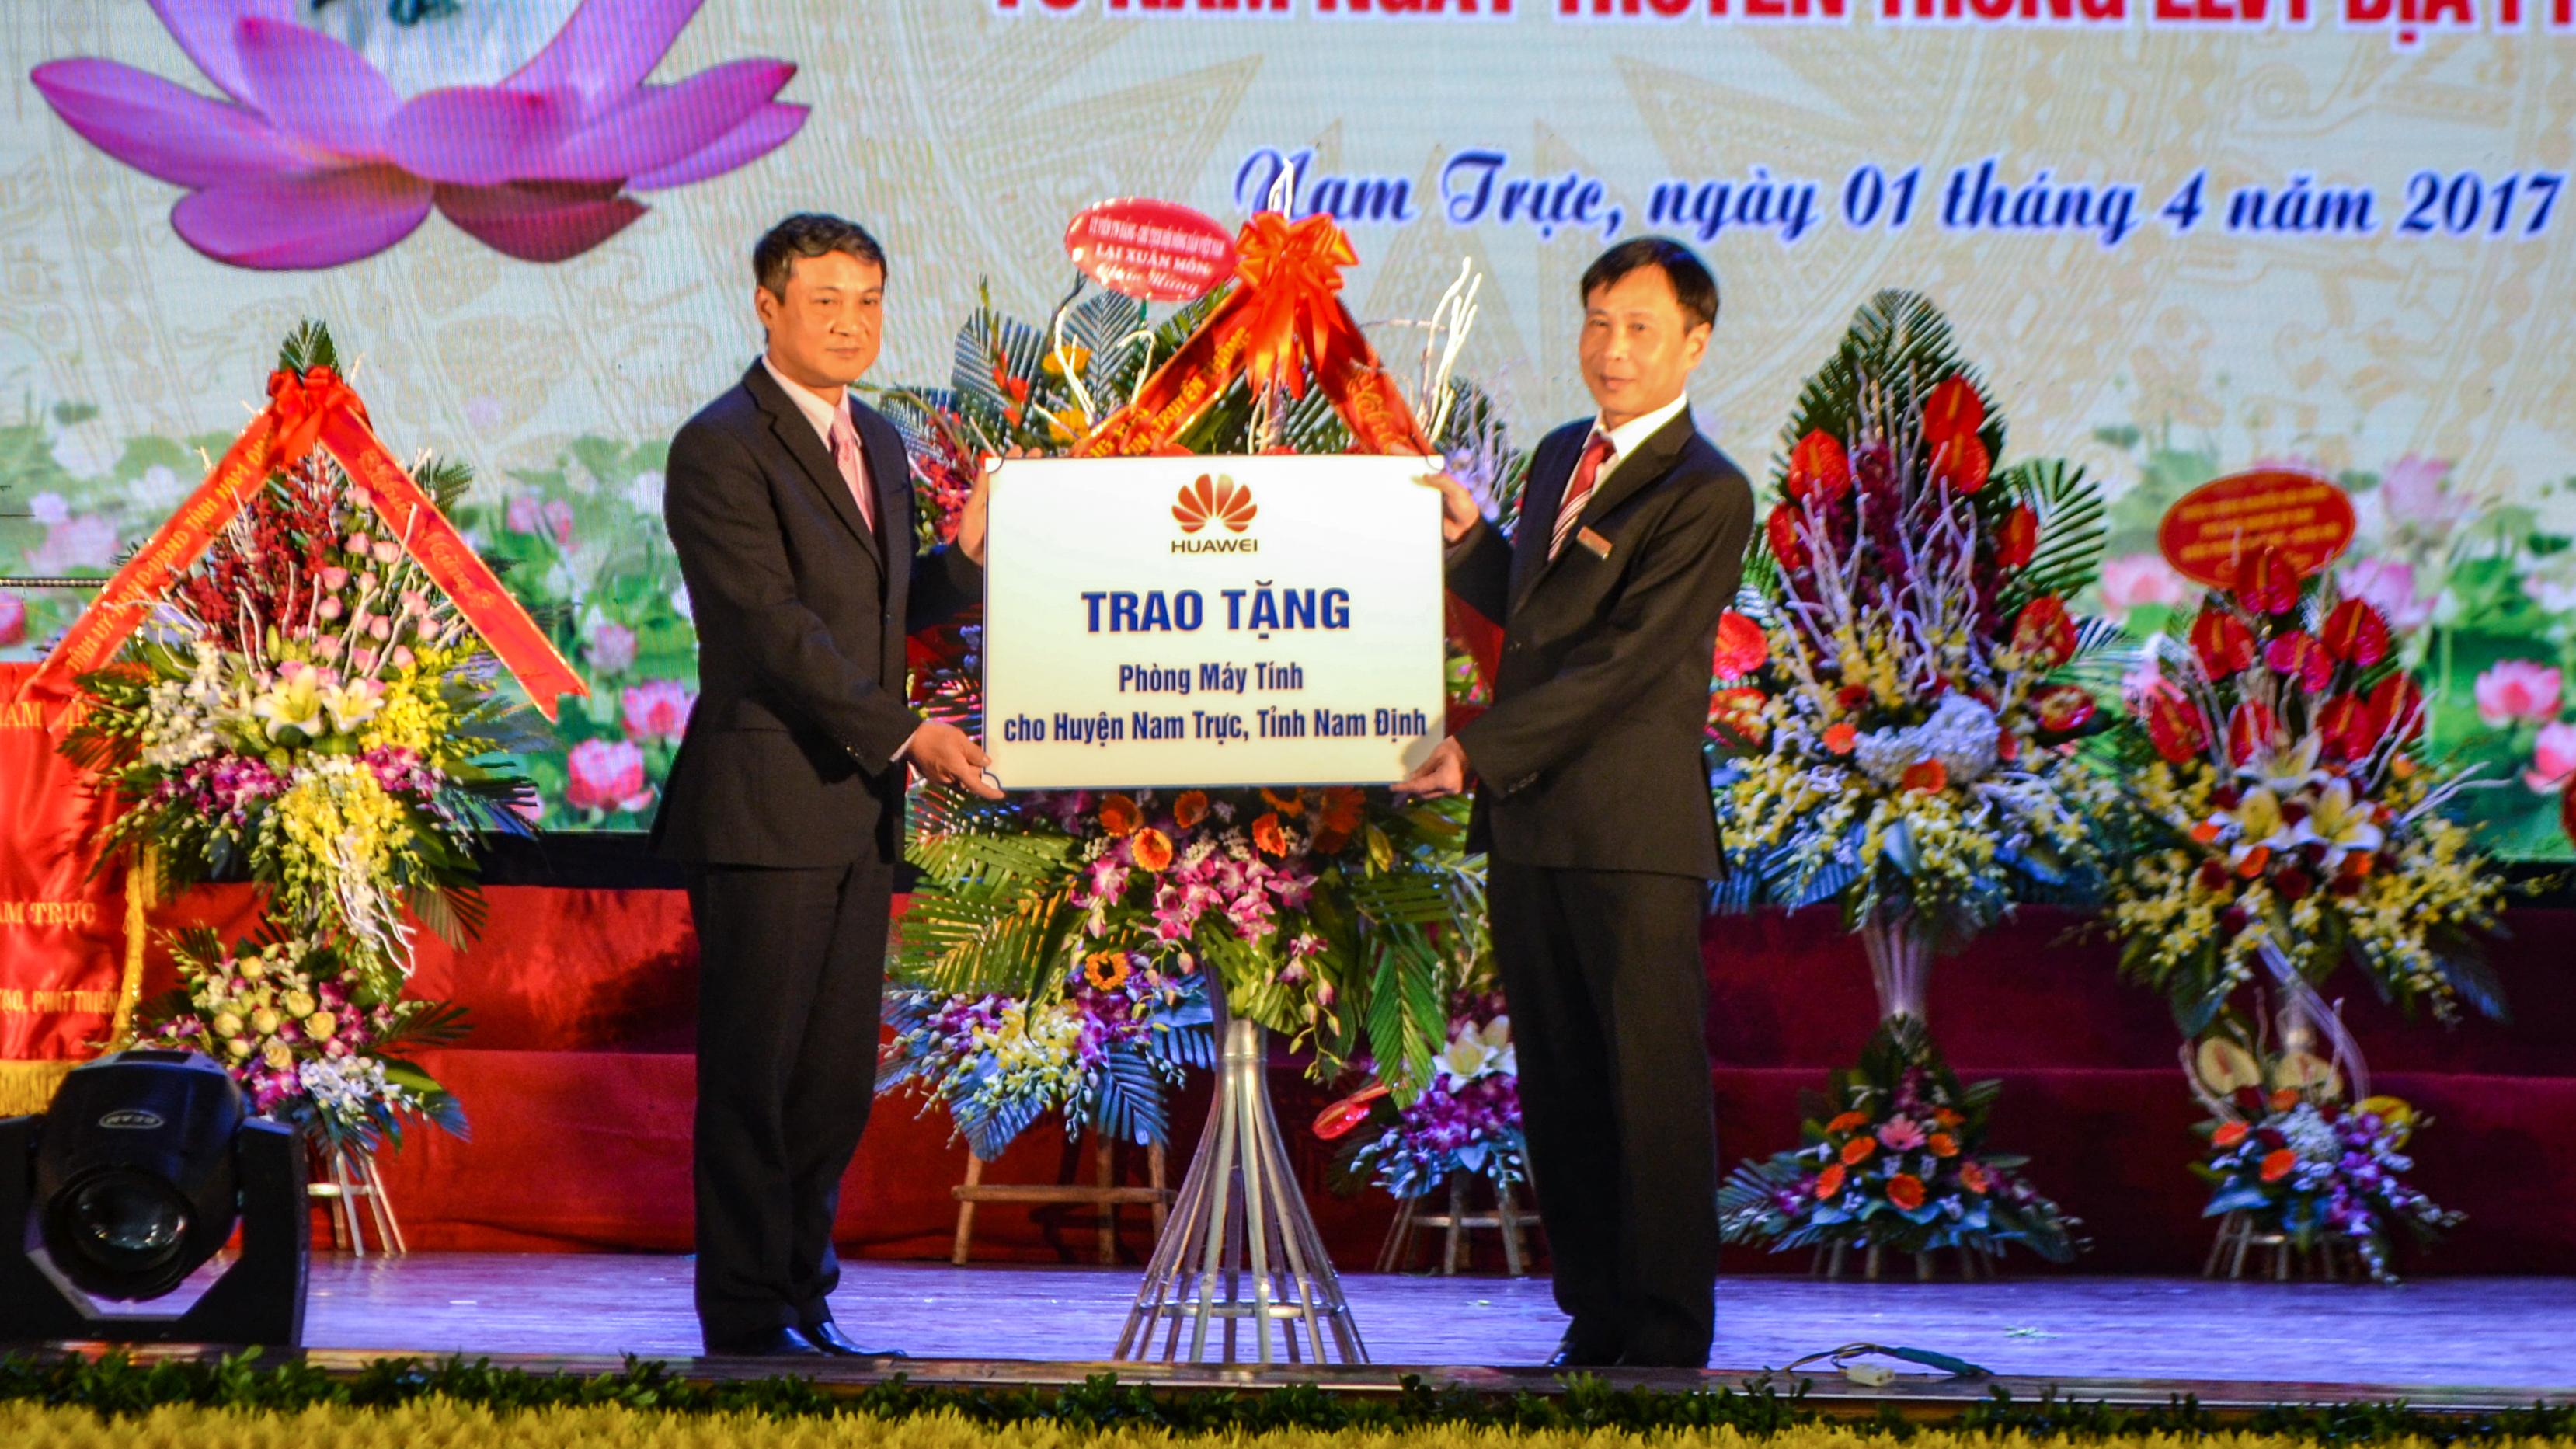 Huawei trao tang may tinh - Huawei Việt Nam tặng phòng máy tính cho tỉnh Nam Định